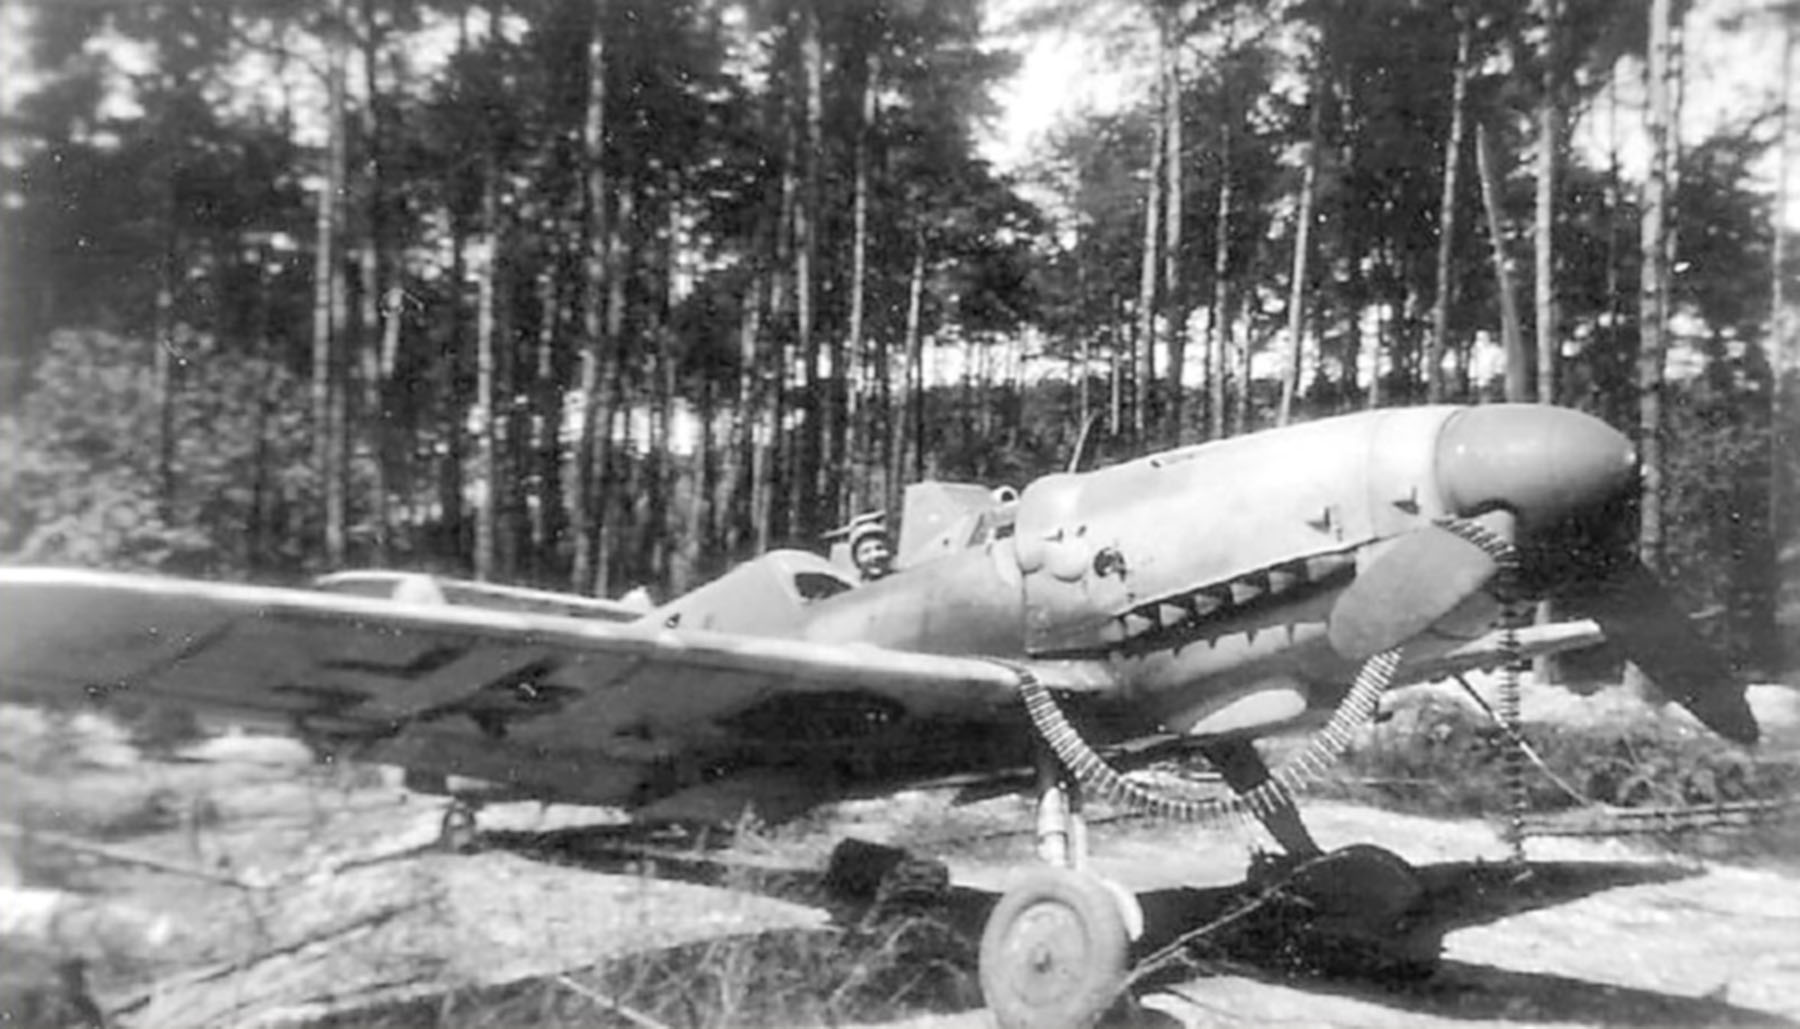 Messerschmitt Bf 109G14 Erla Reichsverteidigung unknown unit and pilot 01